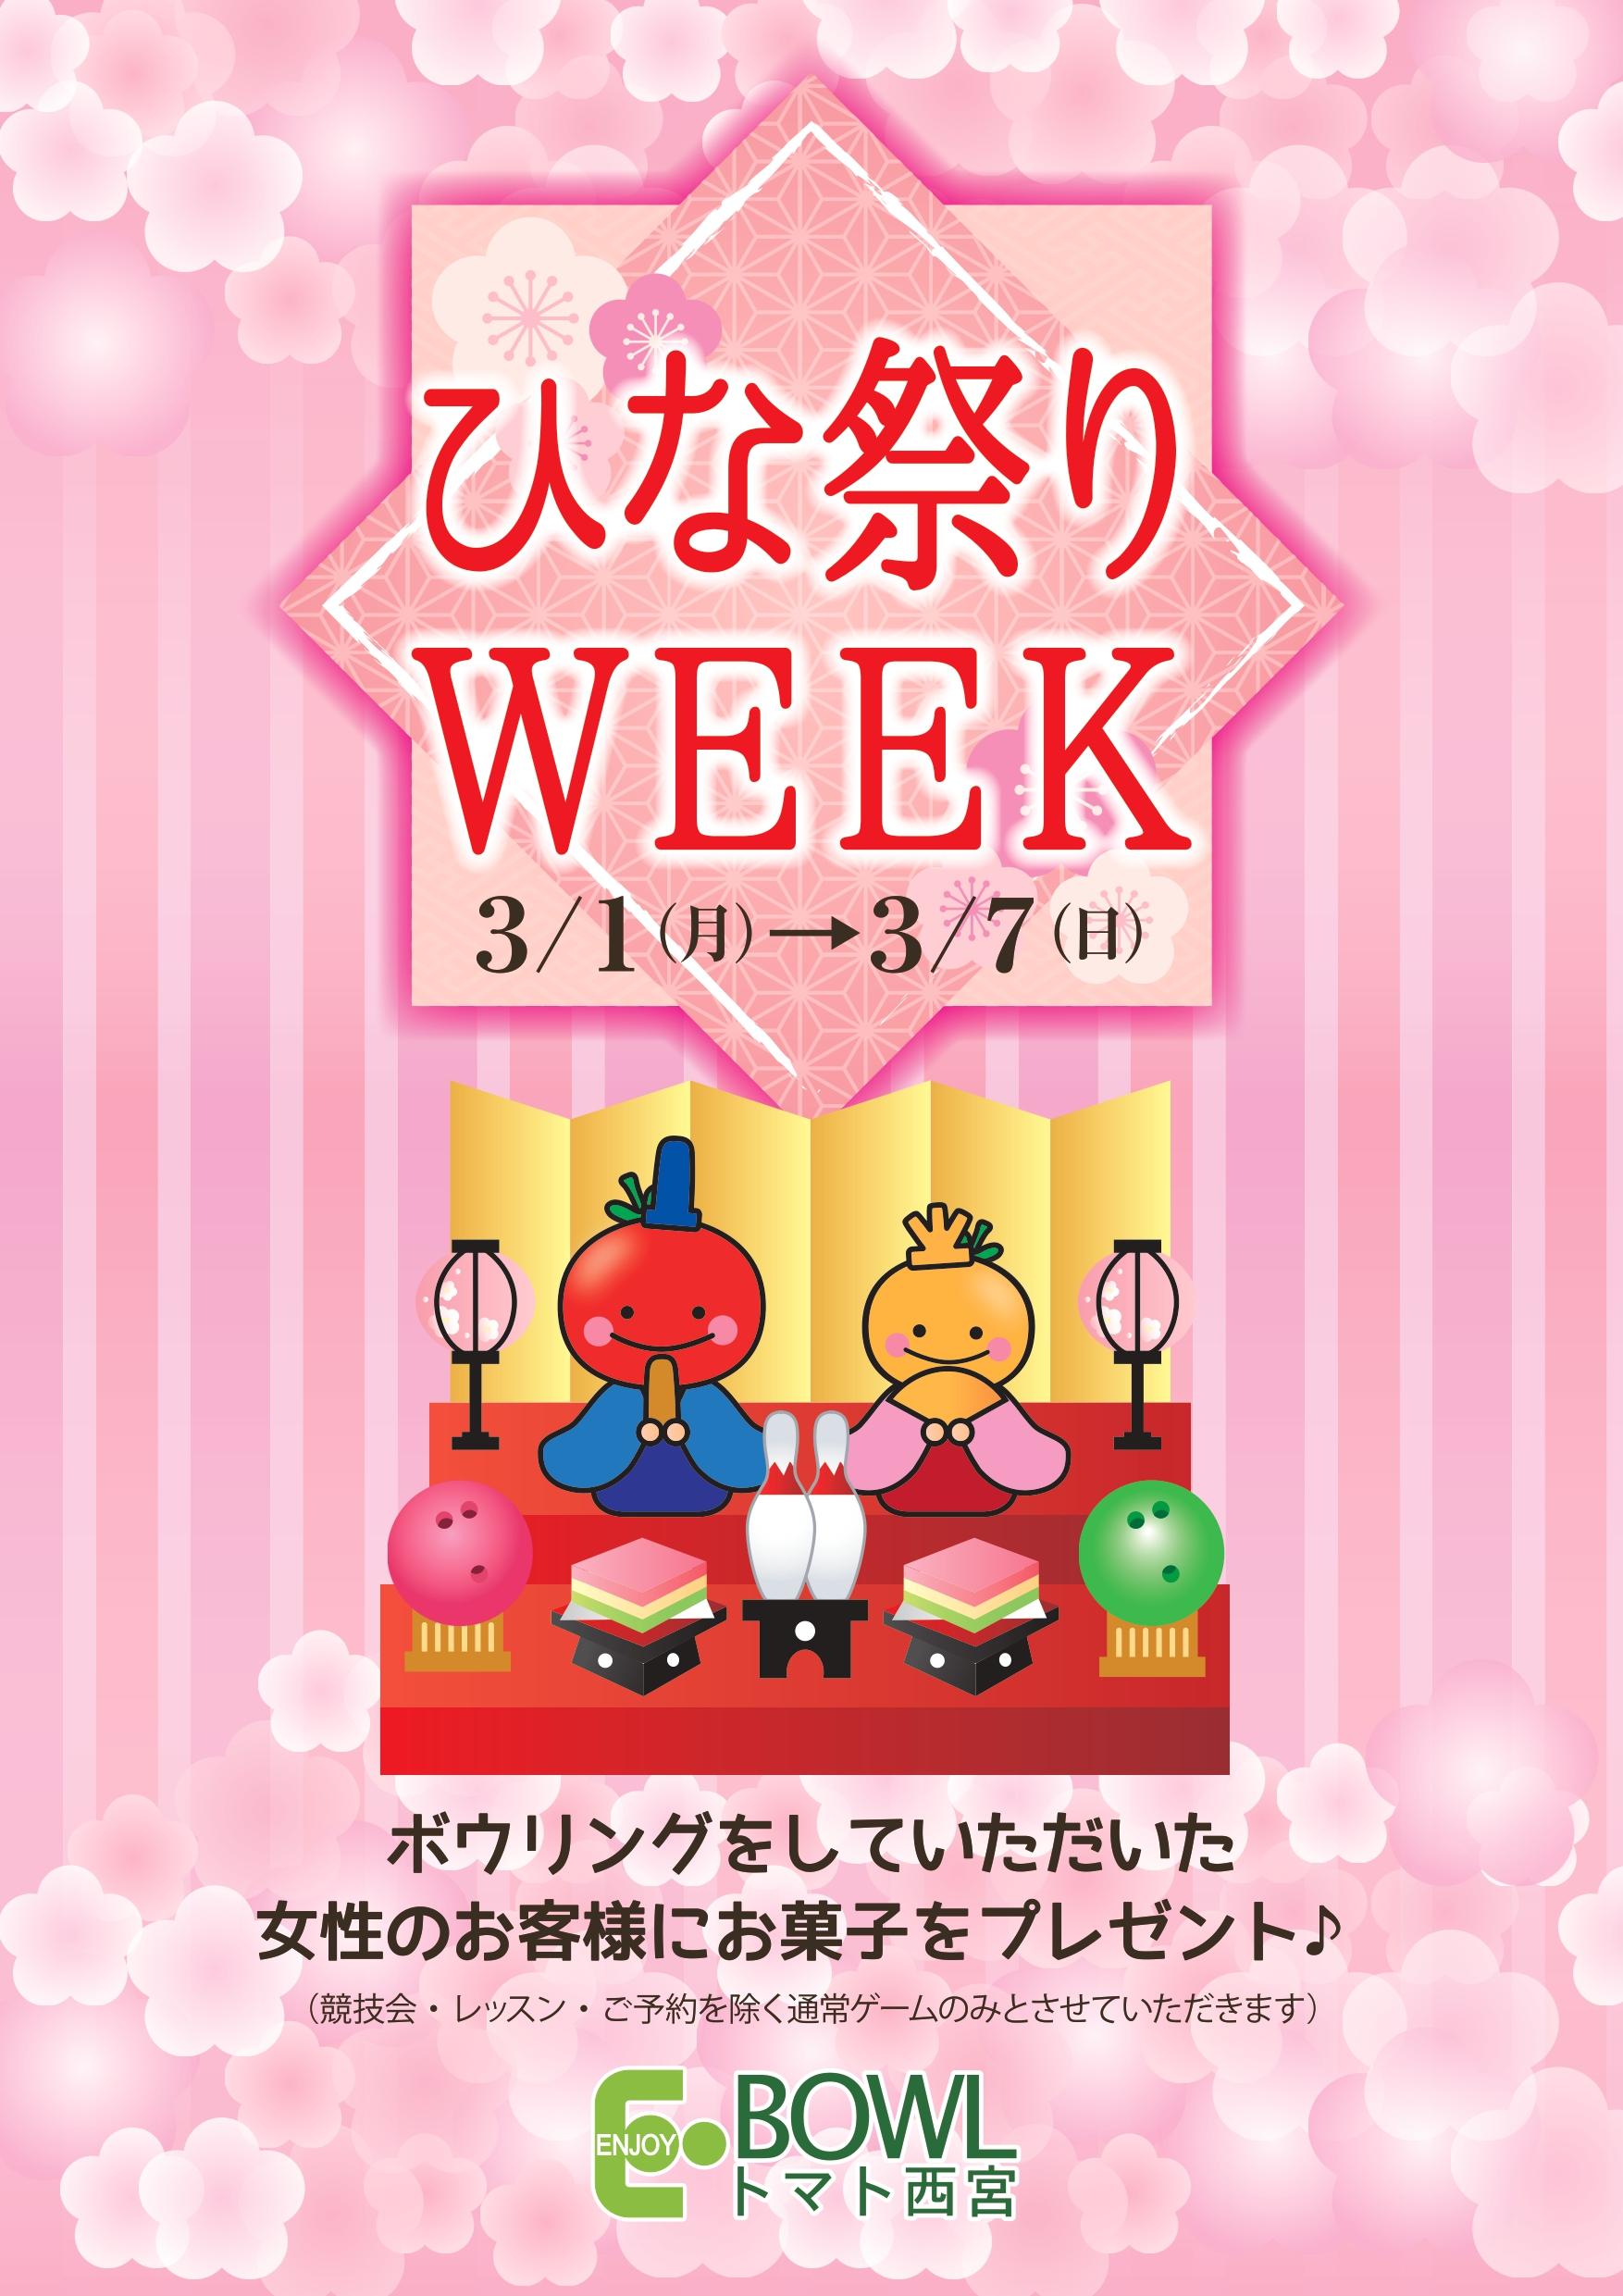 2021ひな祭WEEK_0217-コピー_page-0001 (1)